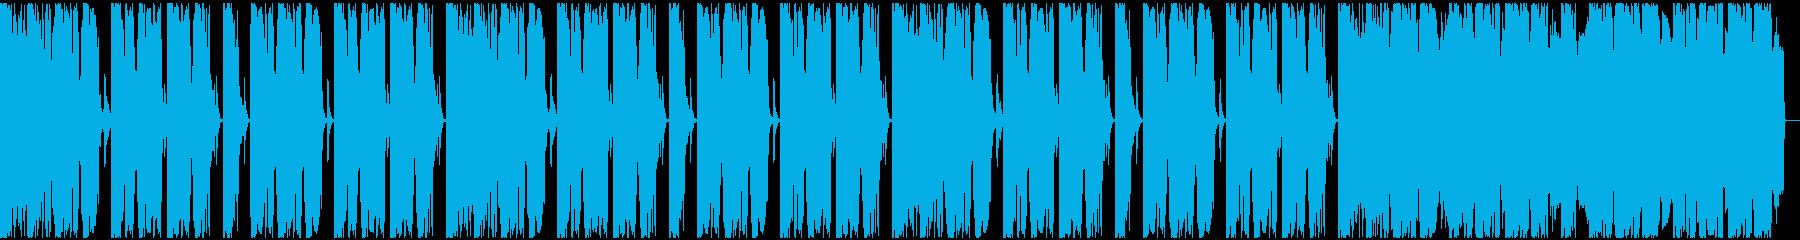 【EDM】ロング9、ミディアム2の再生済みの波形